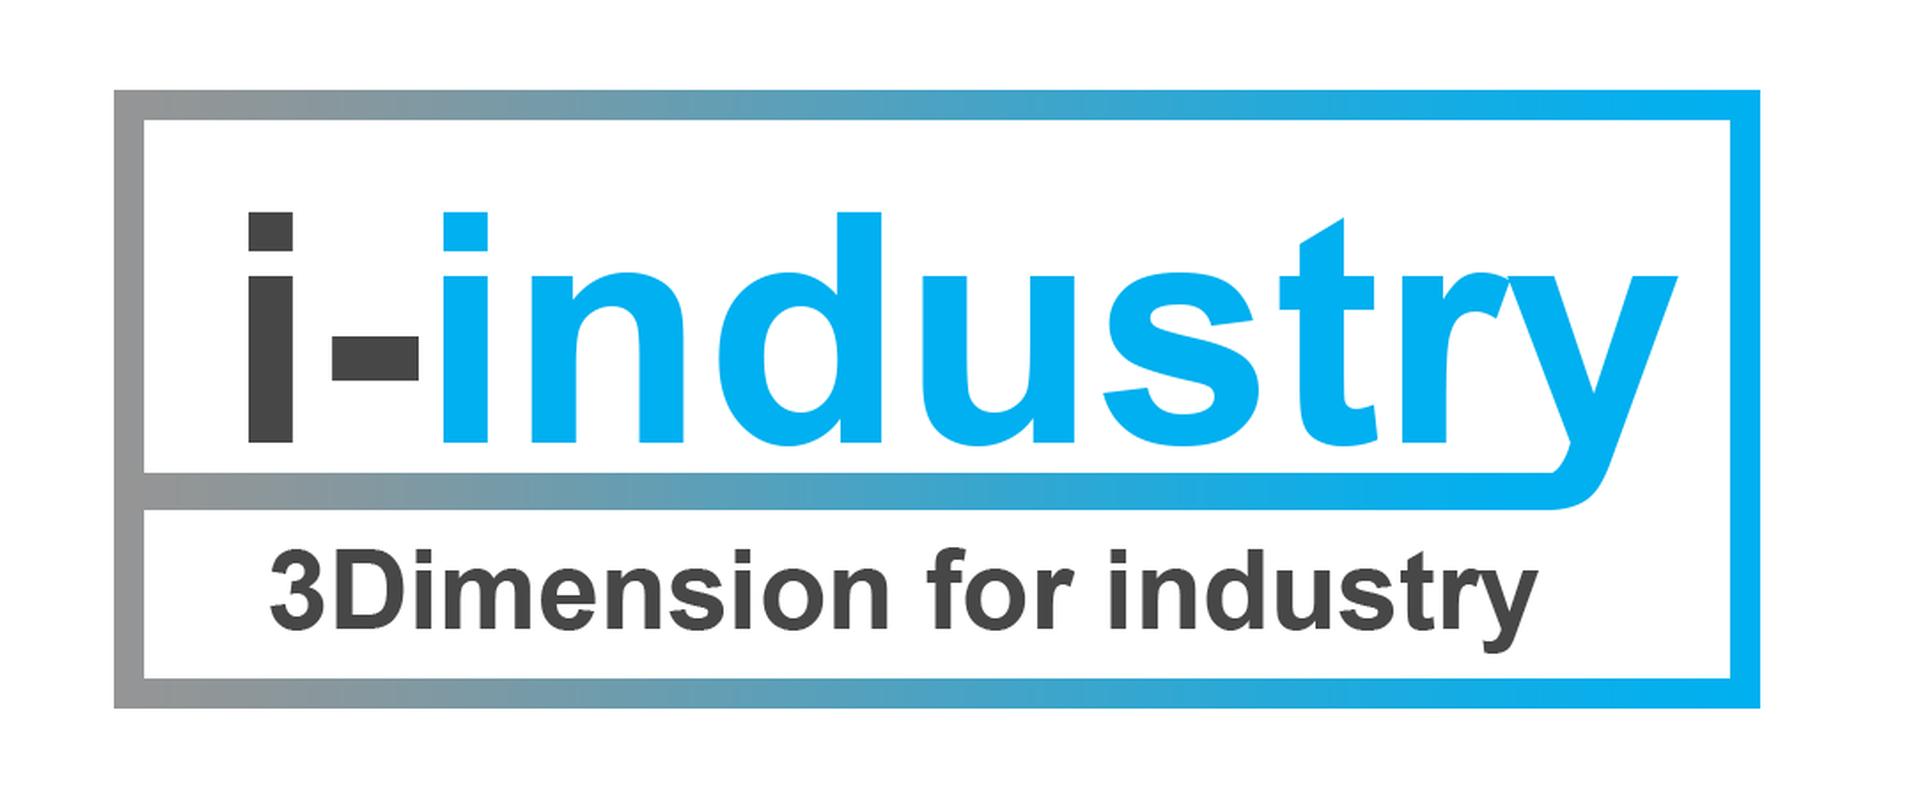 i2 - industrial innovations